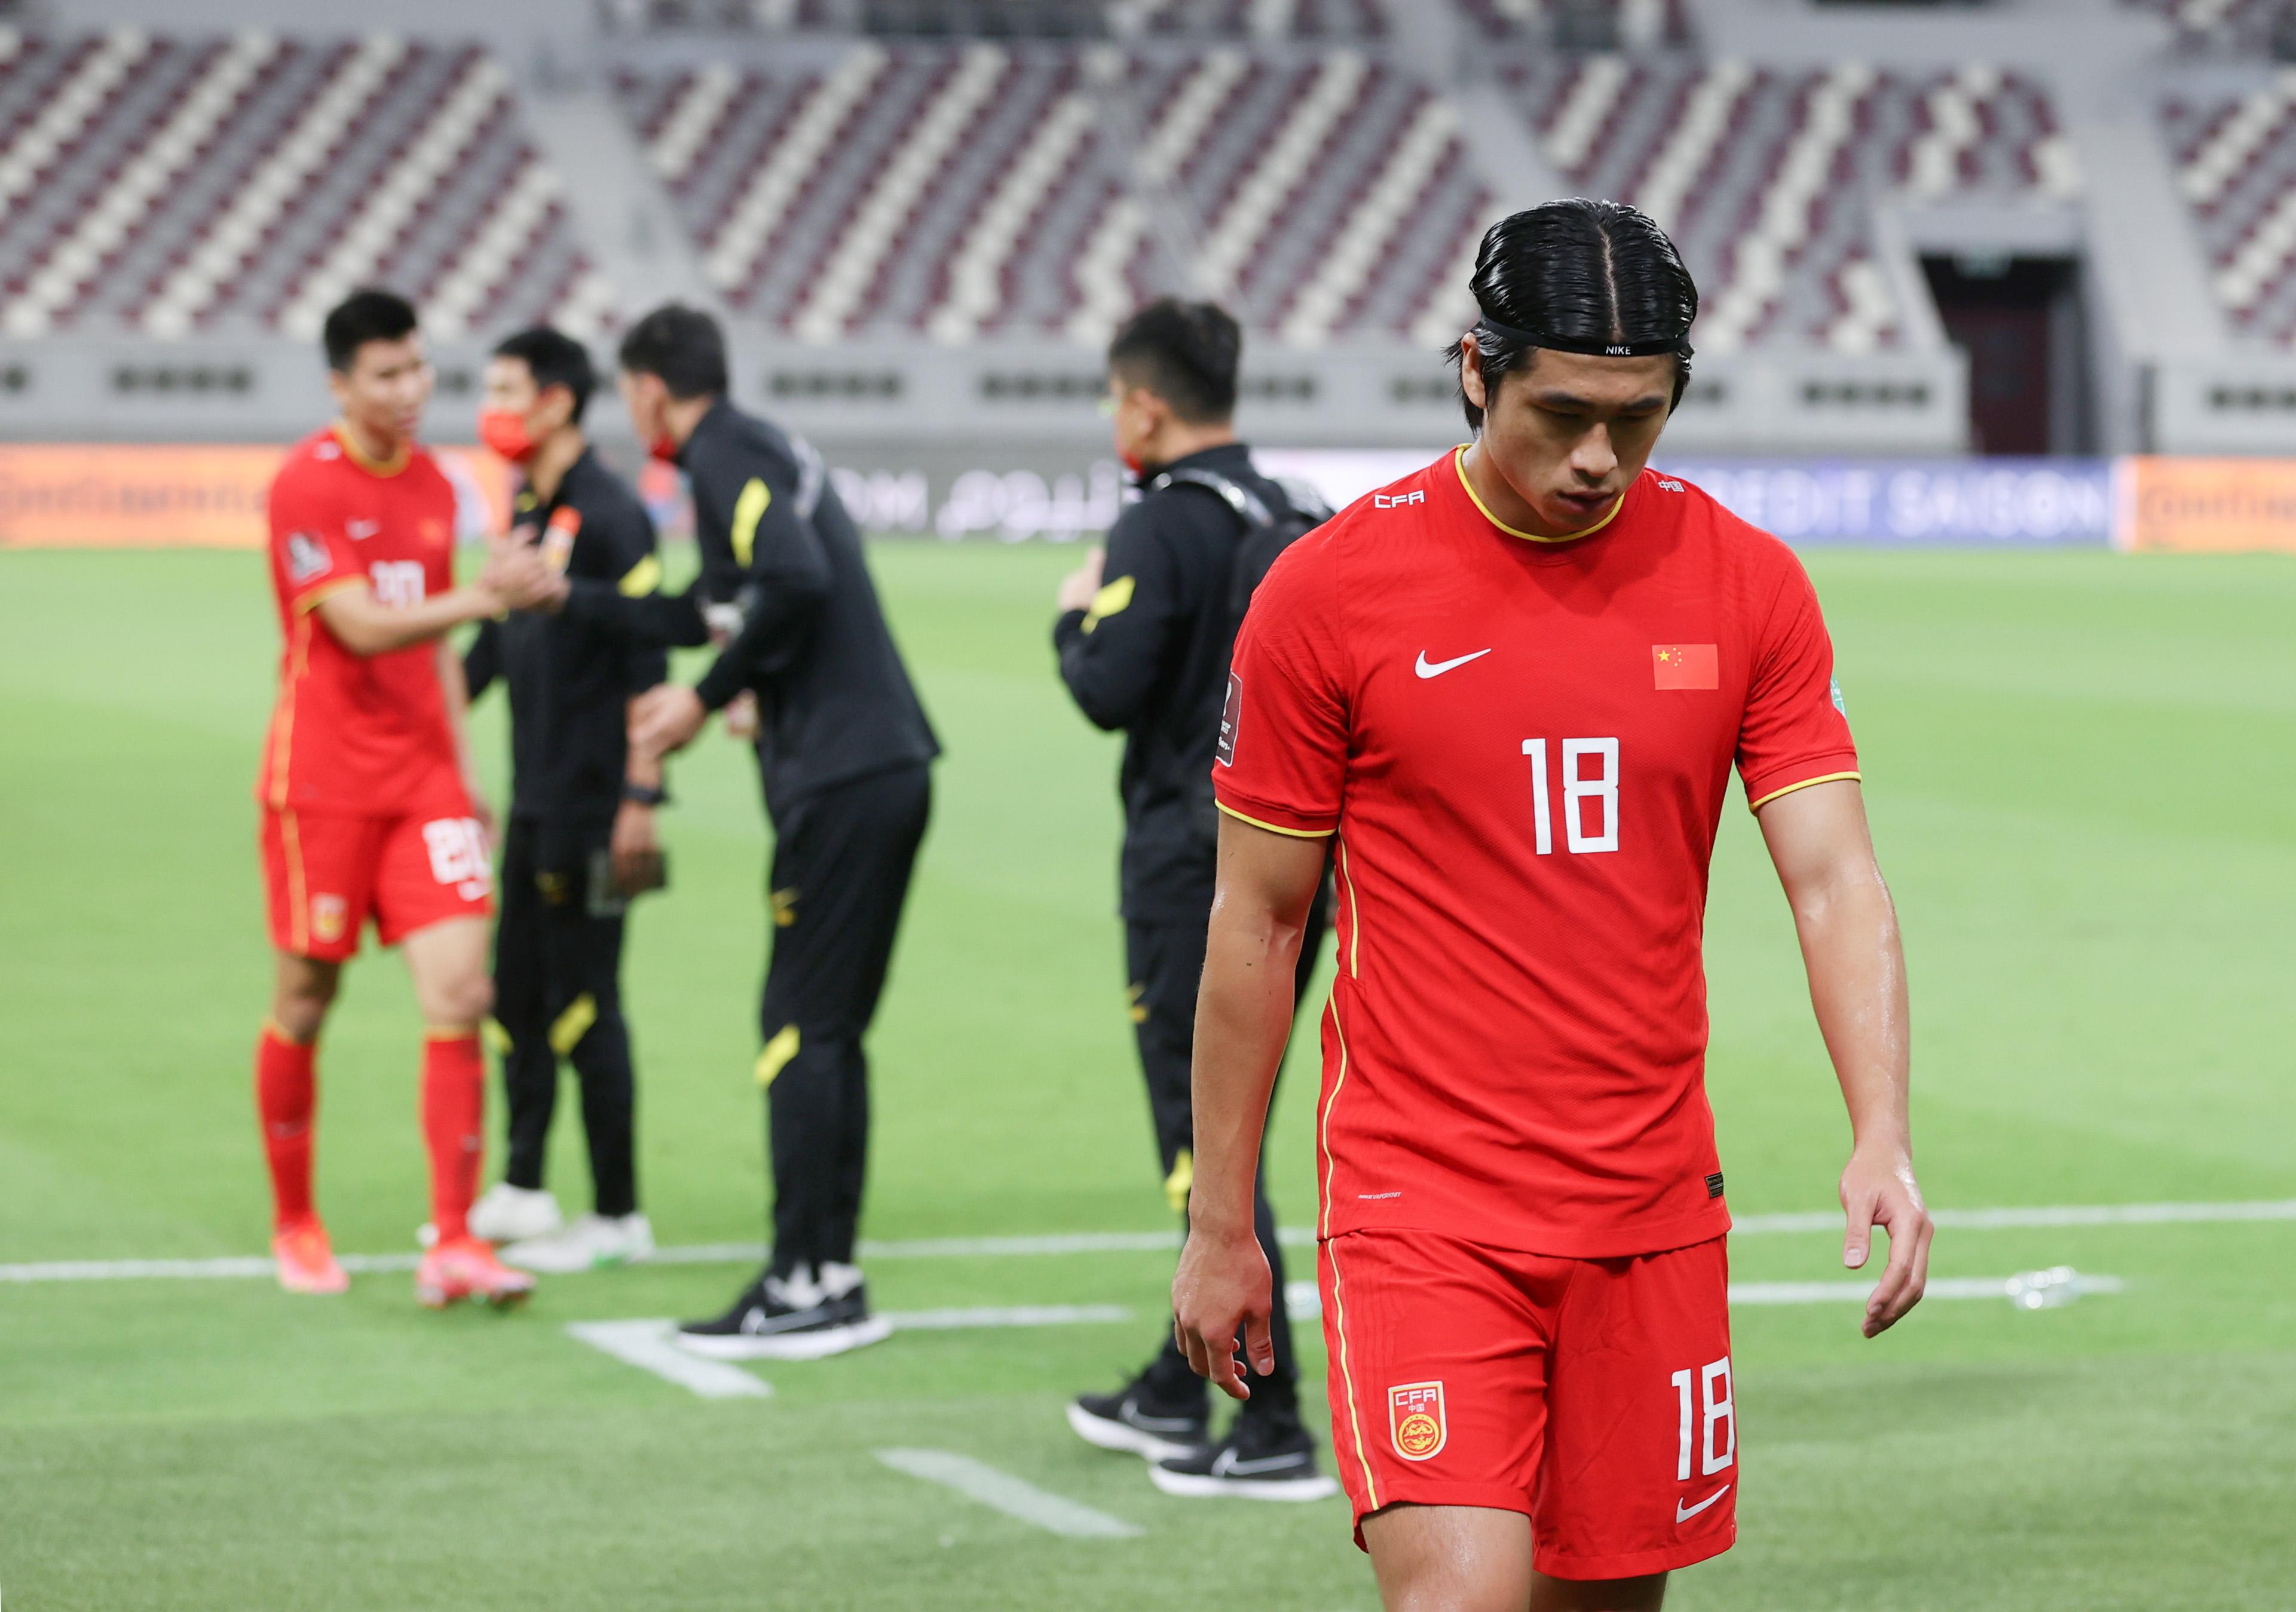 世预赛亚洲区12强赛:中国队负于澳大利亚队